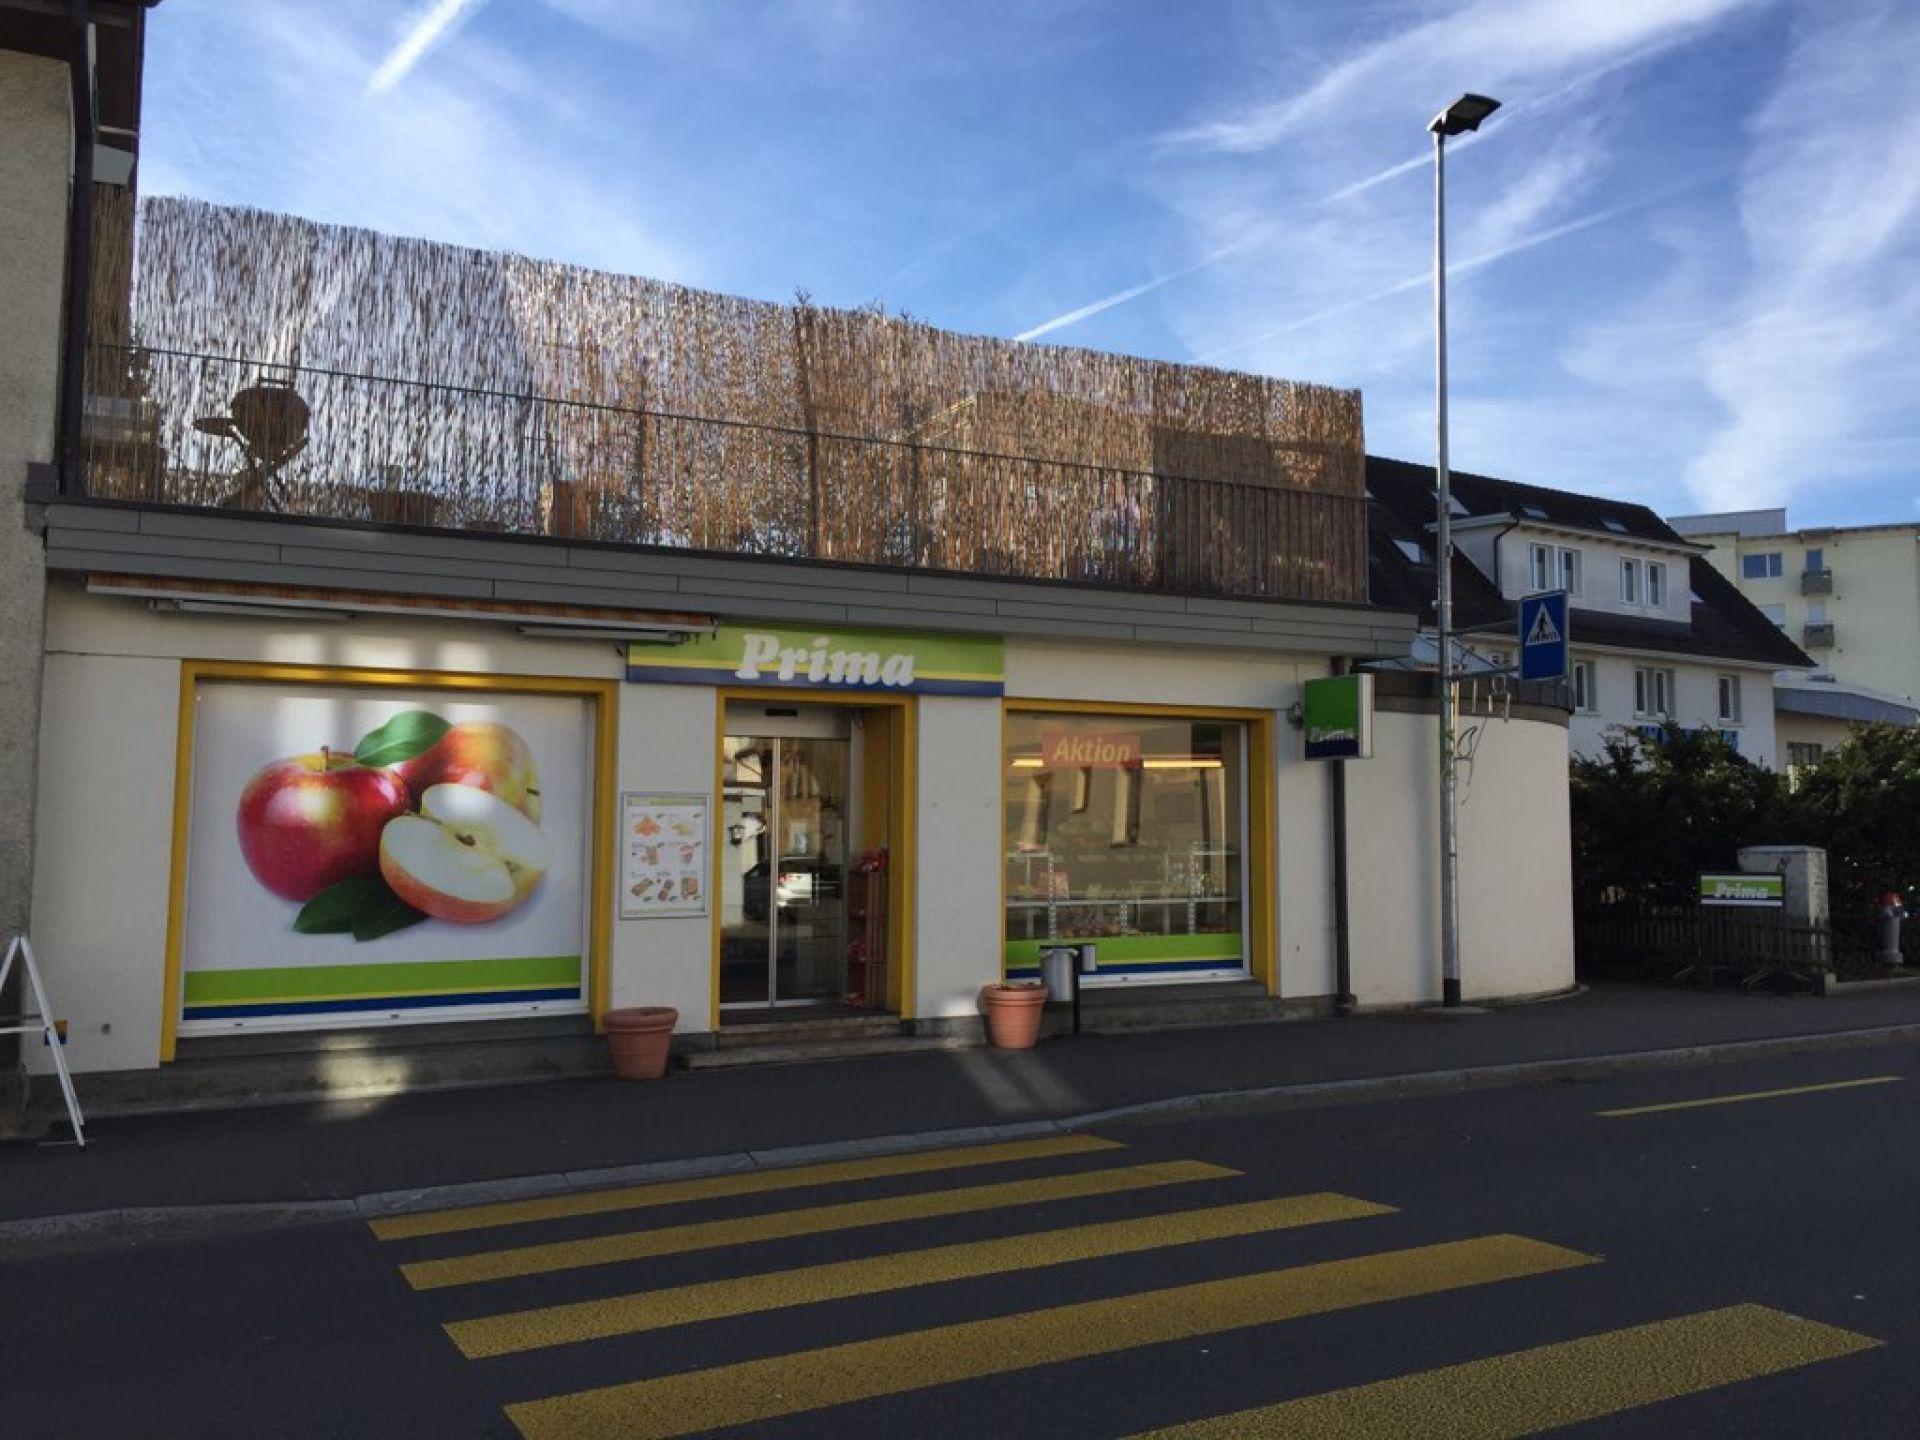 Miete: schönes Ladenlokal mit Keller an bester Passantenlage